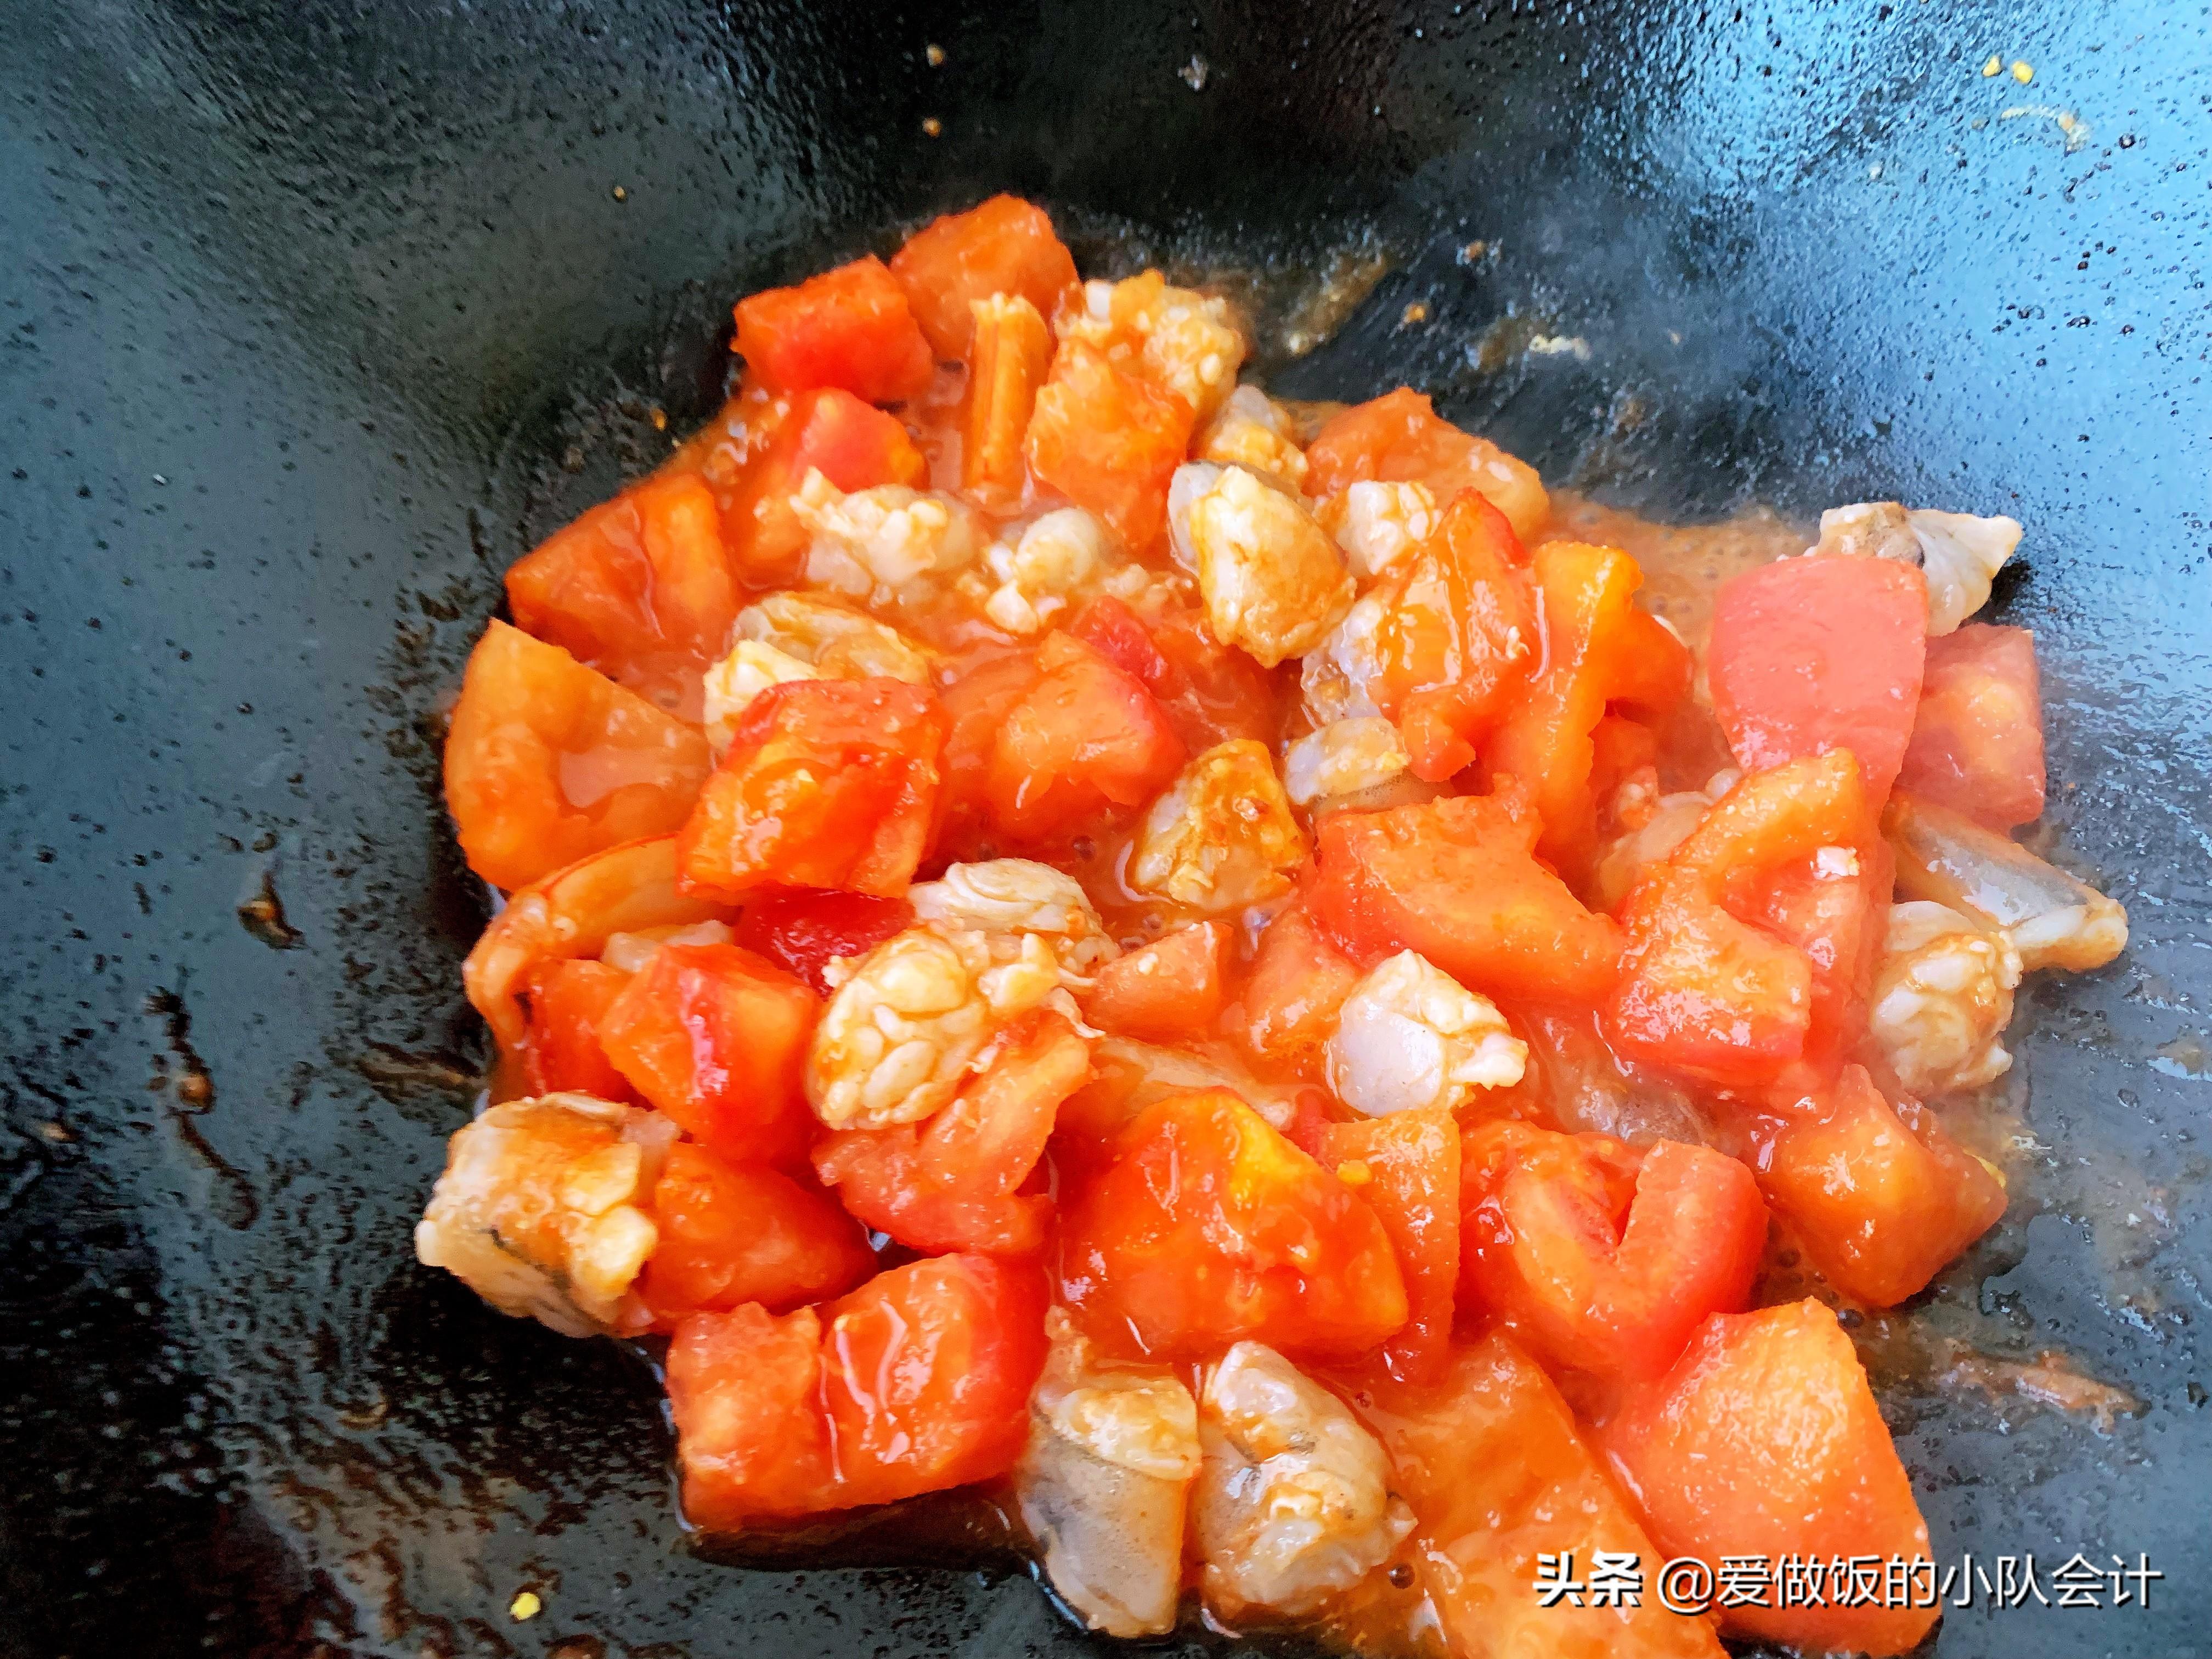 做西红柿炒鸡蛋,最怕直接下锅炒,牢记2点,汁浓蛋嫩味道香 美食做法 第9张